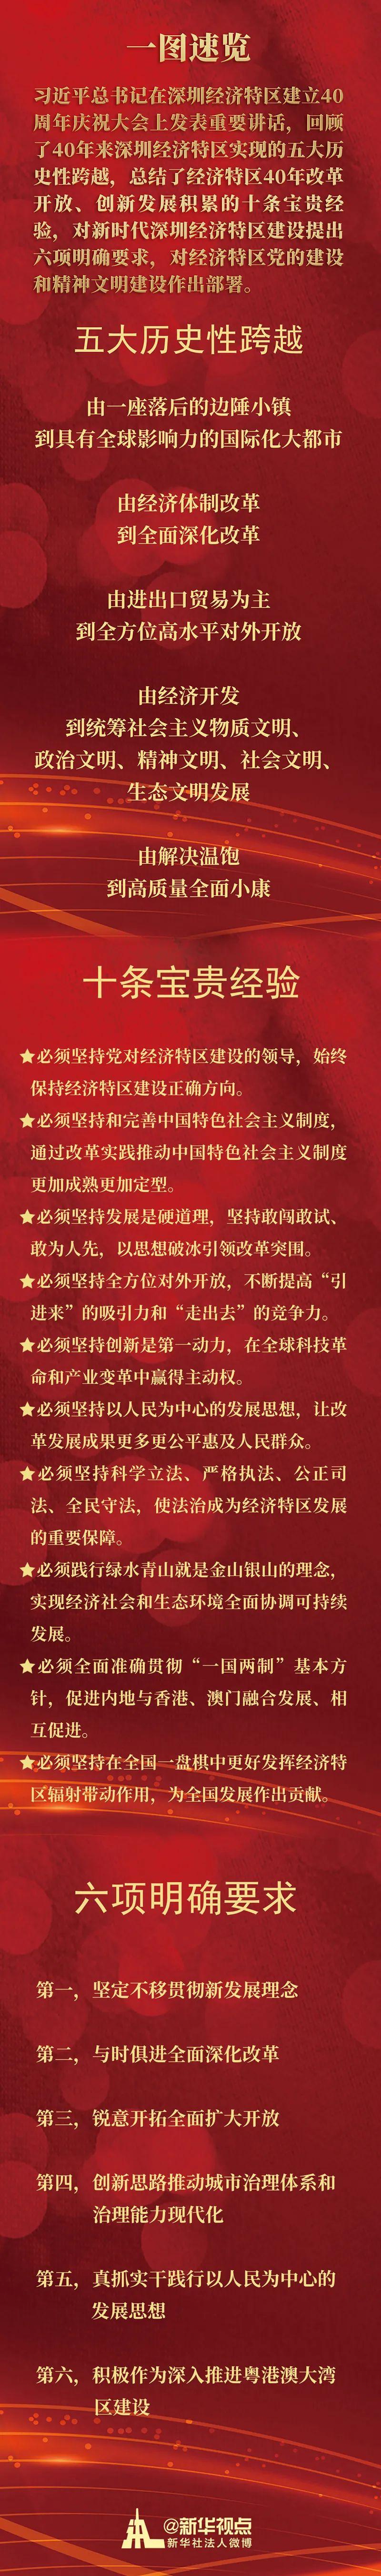 习近平总书记在深圳经济特区建立40周年庆祝大会上的讲话速览图片